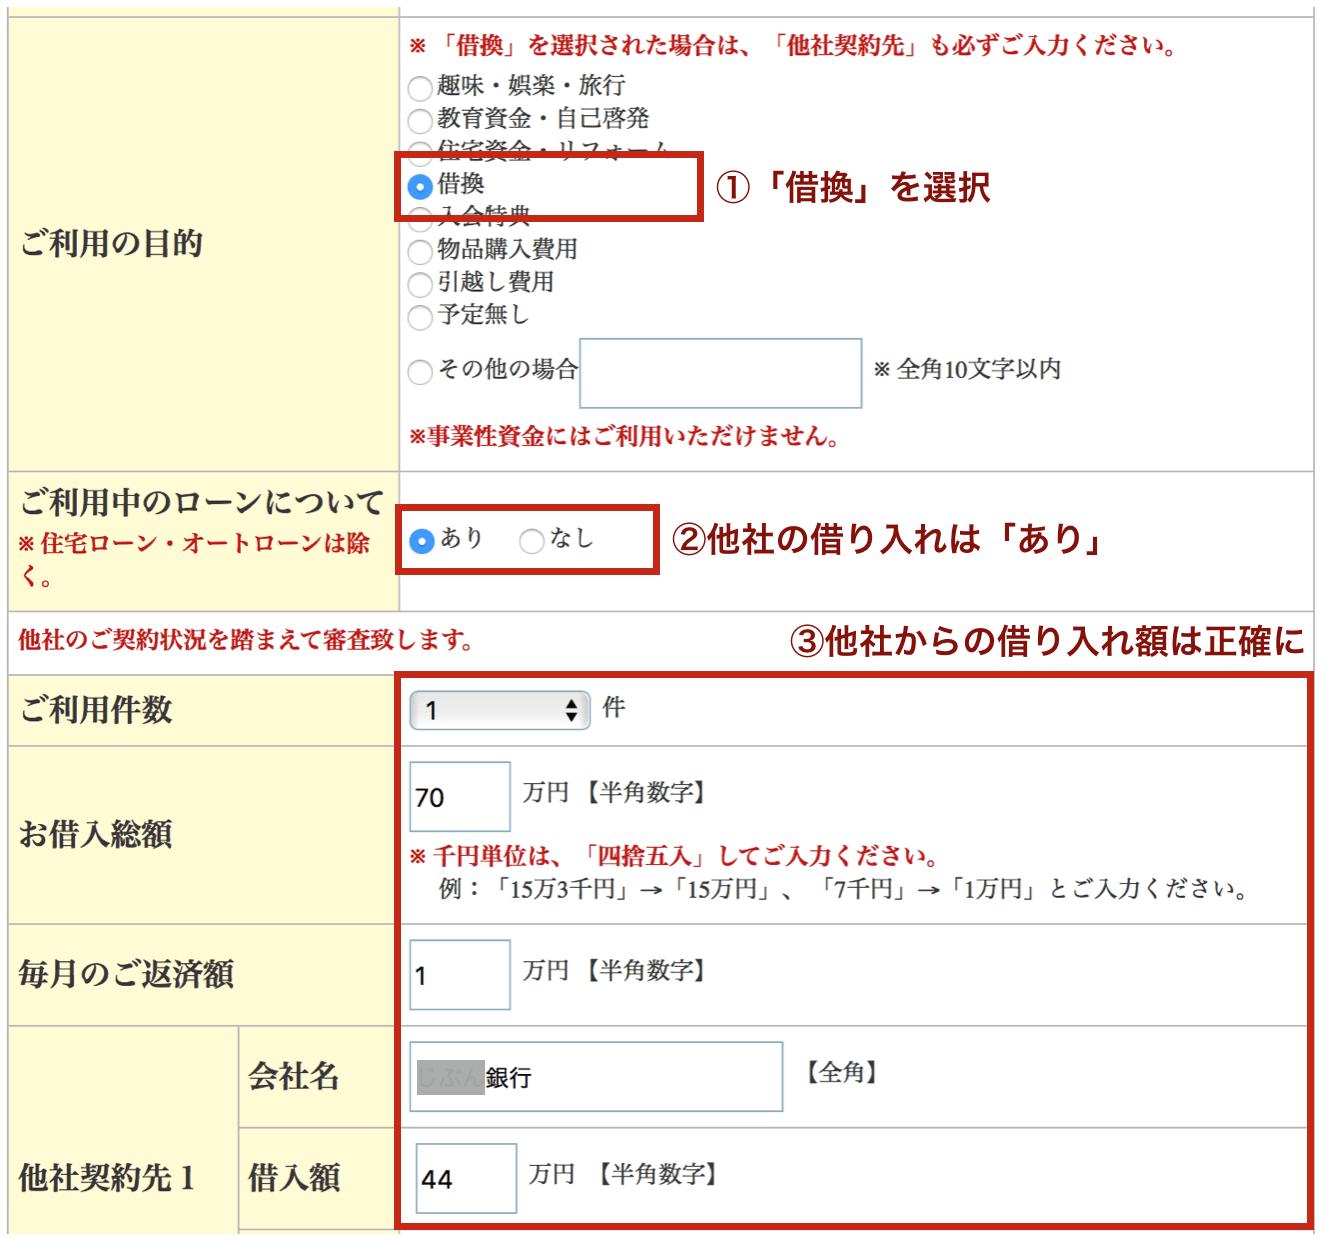 楽天銀行カードローンの申し込みフォーム